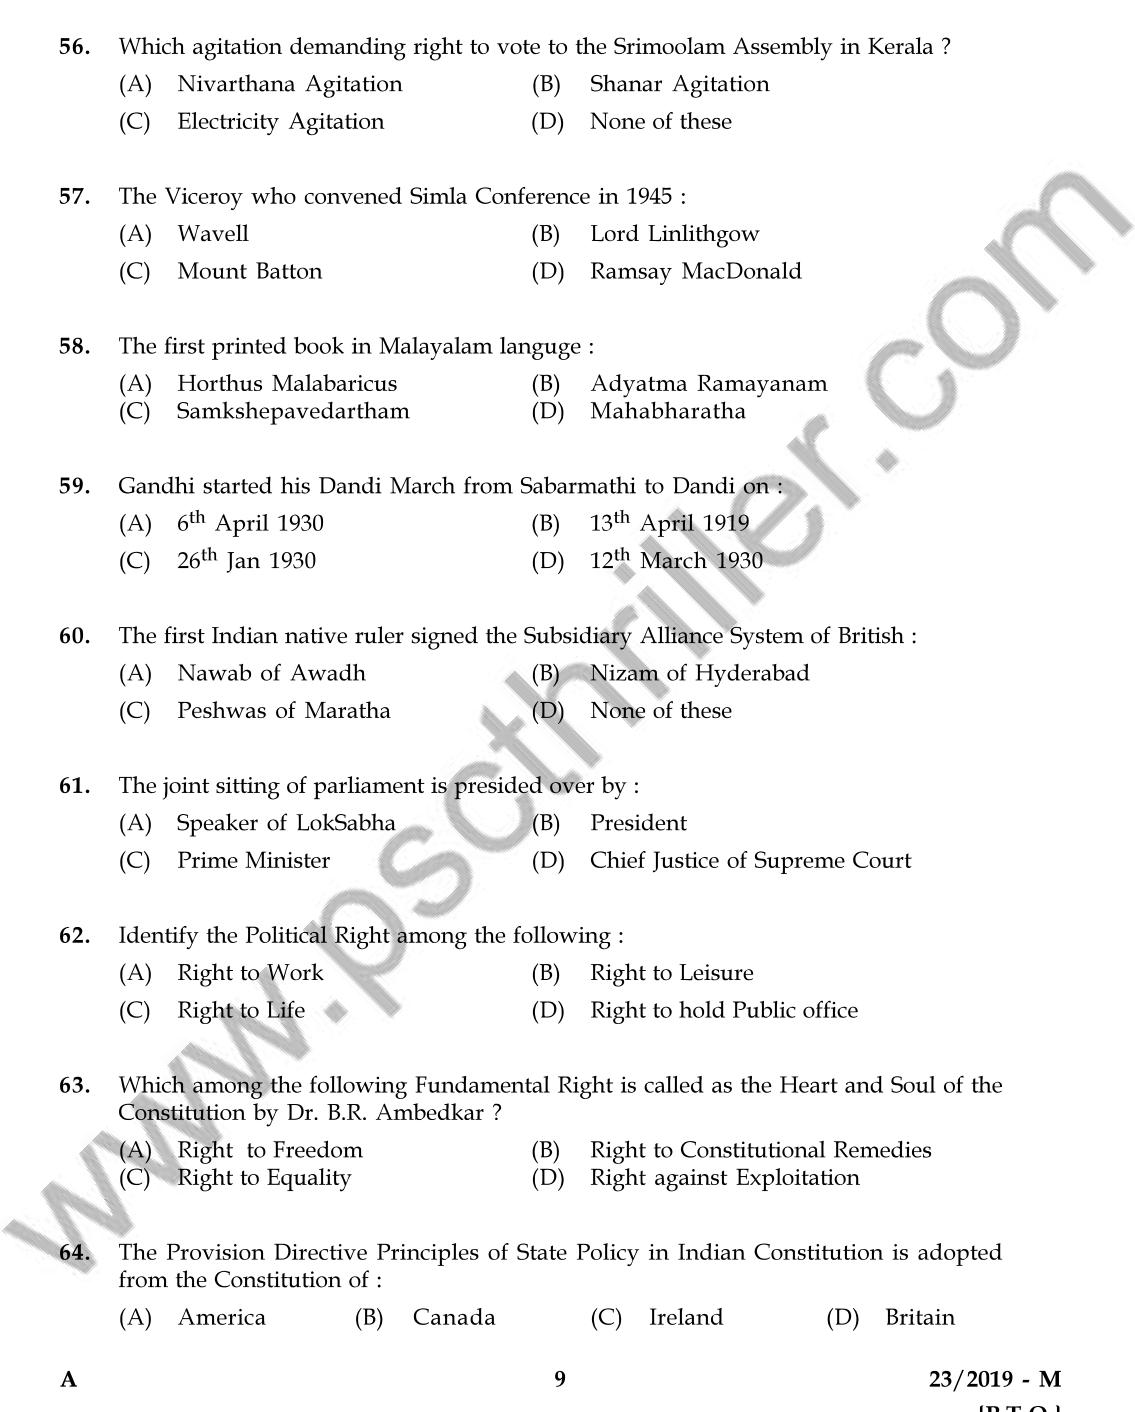 Senior Superintendent-Question Paper-23/2019-KERALA PSC